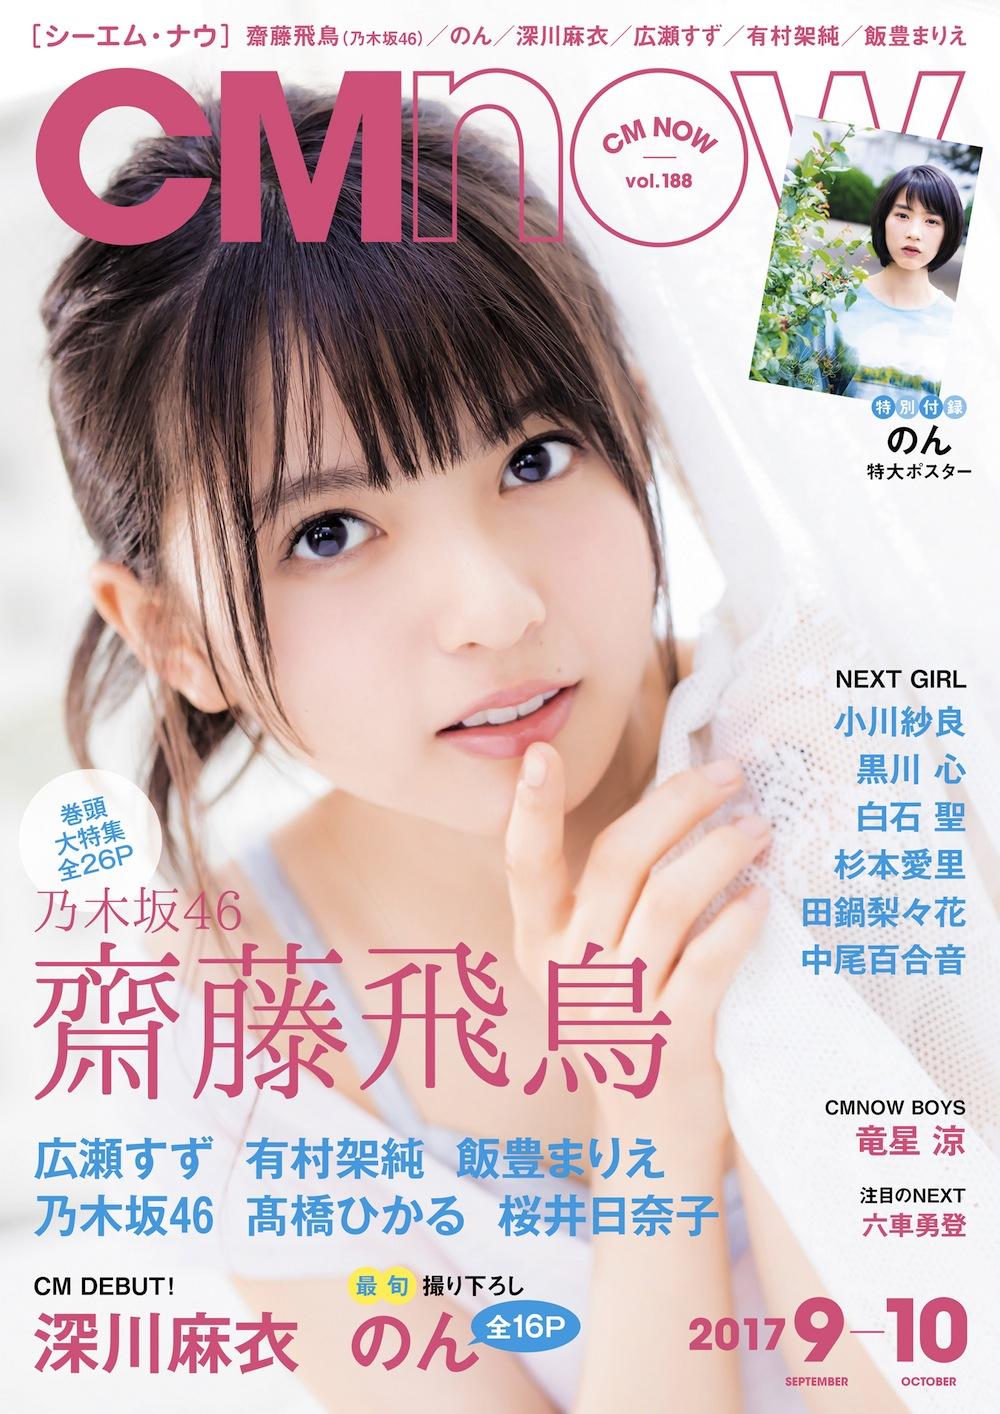 齋藤飛鳥(乃木坂46)、19歳の誕生日に「CM NOW 」表紙